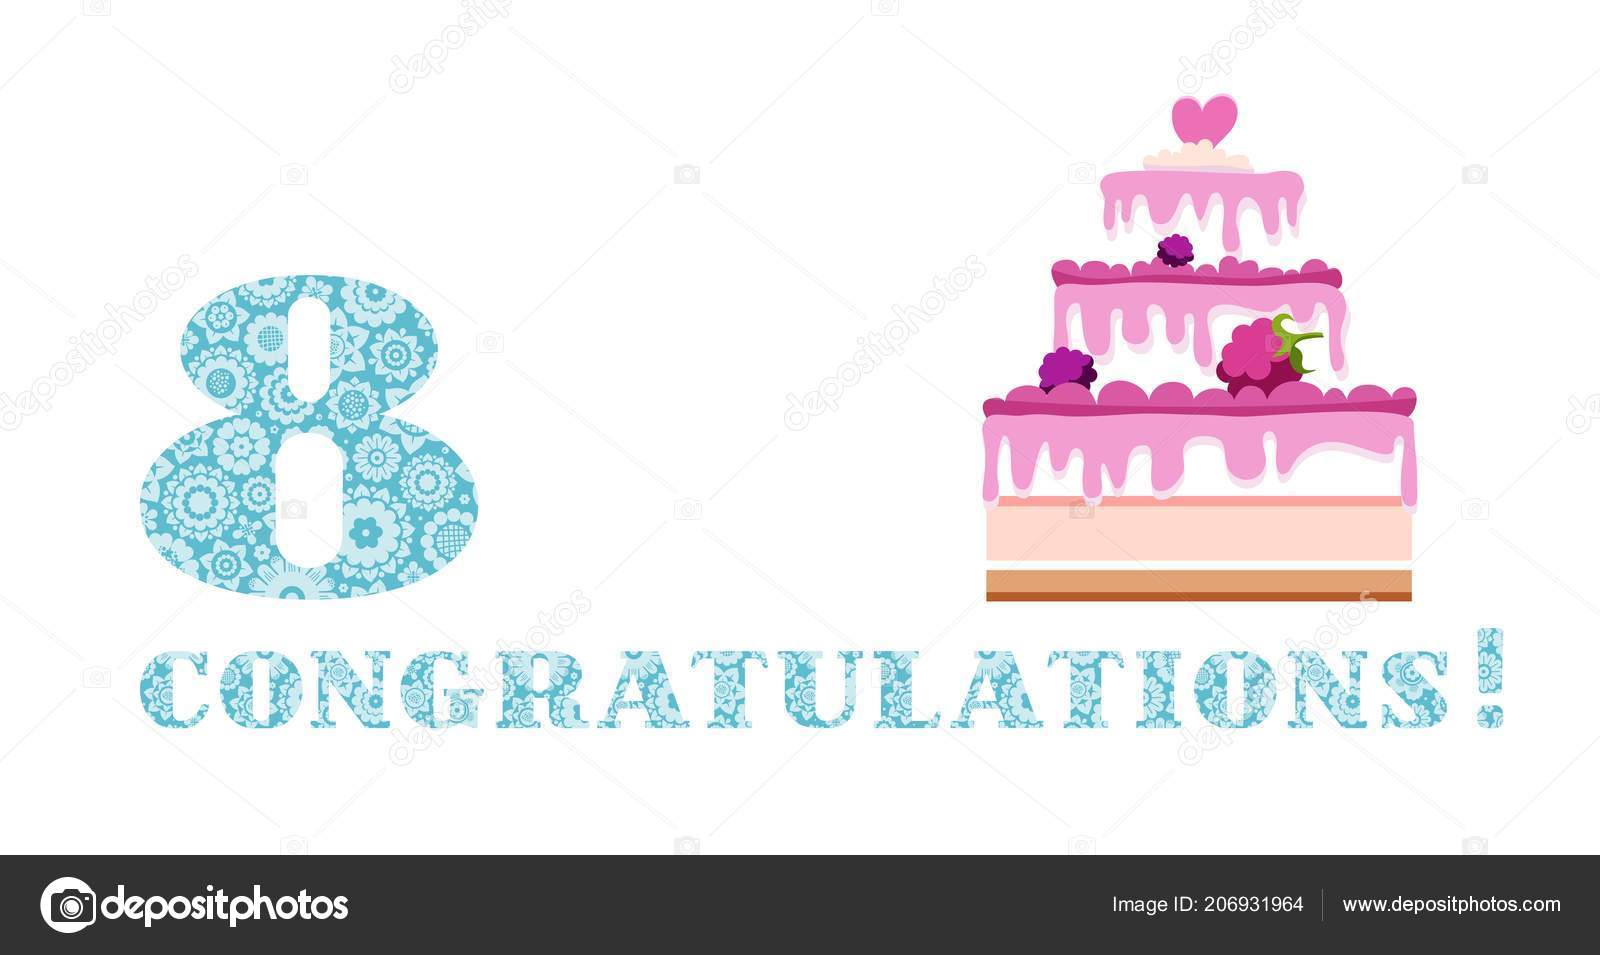 Geburtstag Grüße Jahre Alt Beeren Kuchen Englisch Weiß Blau Vektor